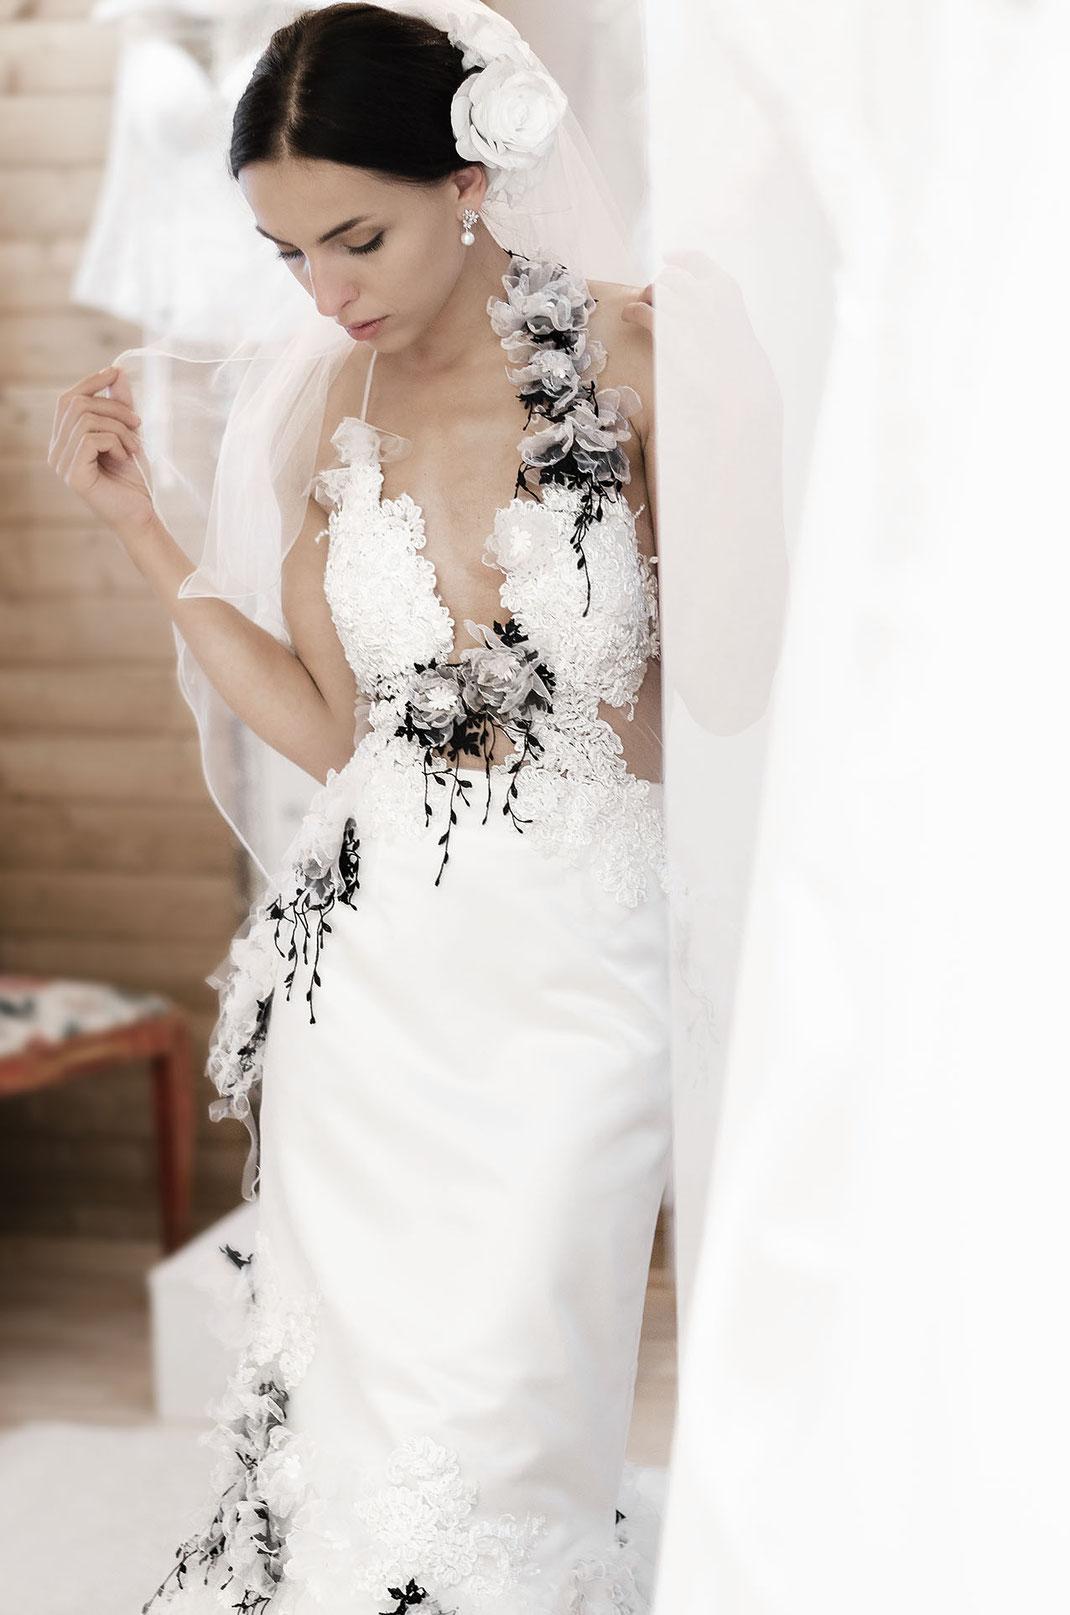 Handgefertigtes und von der Modekünstlerin Natalia Boelt entworfenes Brautkleid Whispers of Love by Tali Amoo fotografiert von Martin Boelt